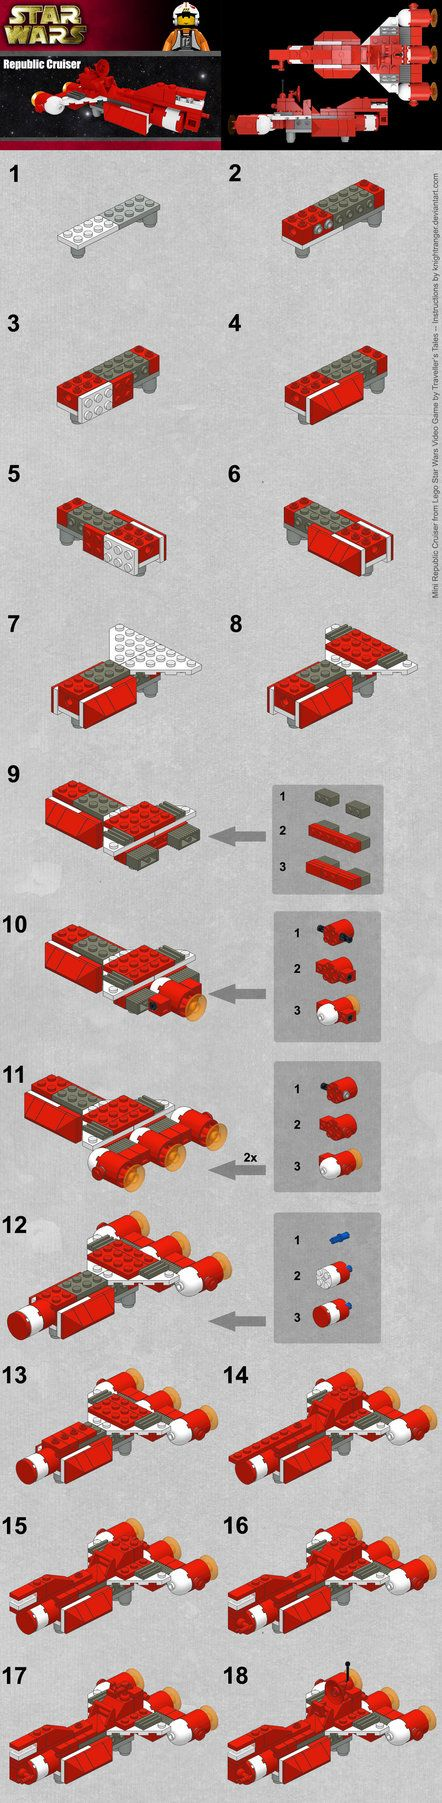 Mini Republic Cruiser Instructions by KnightRanger.deviantart.com on @DeviantArt